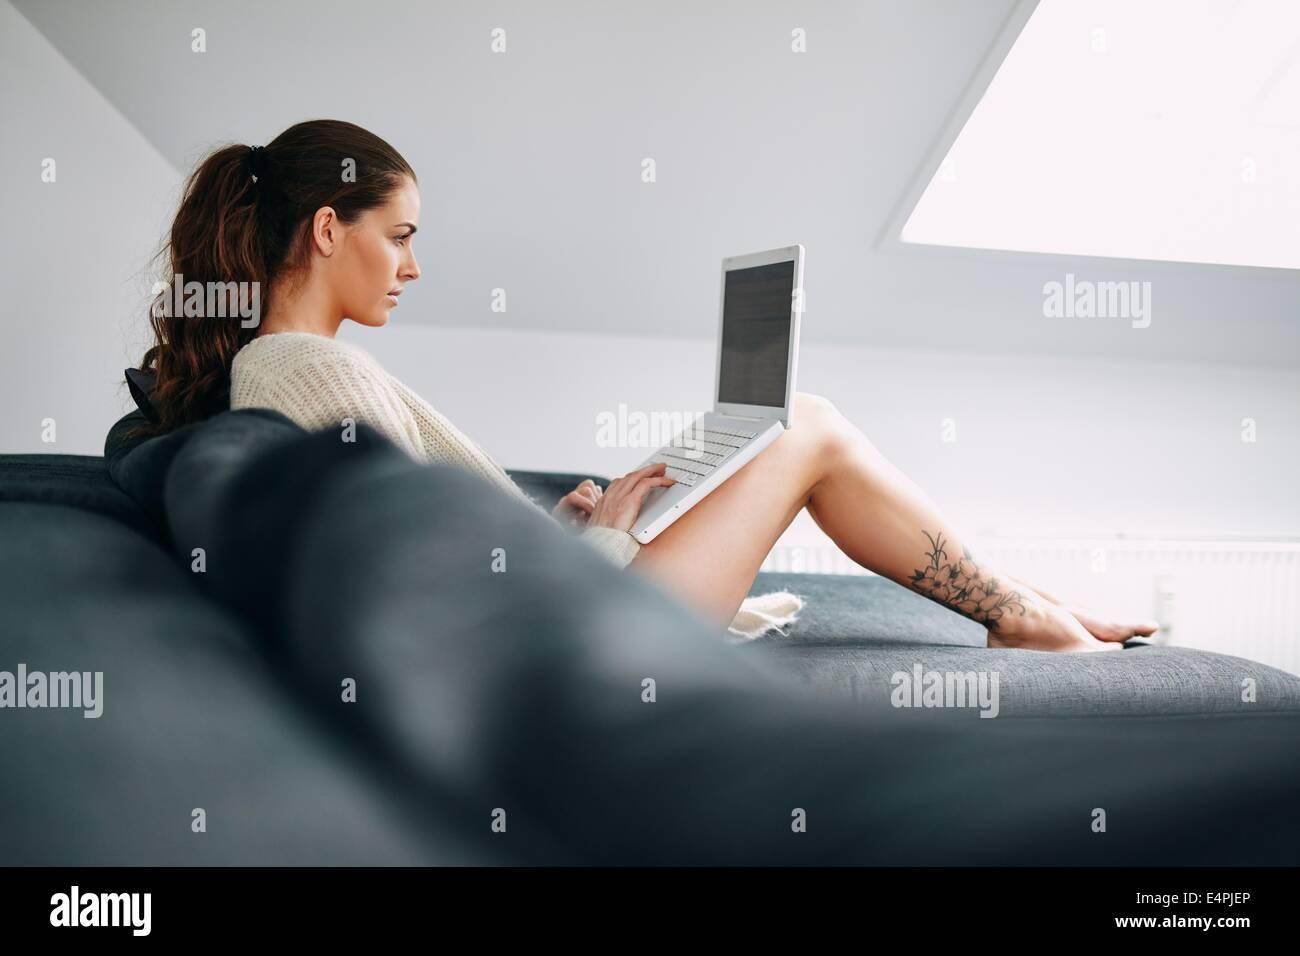 Immagine di Giovani graziosi brunette utilizzando portatile a casa. Giovani femmine lavora su computer portatile Immagini Stock